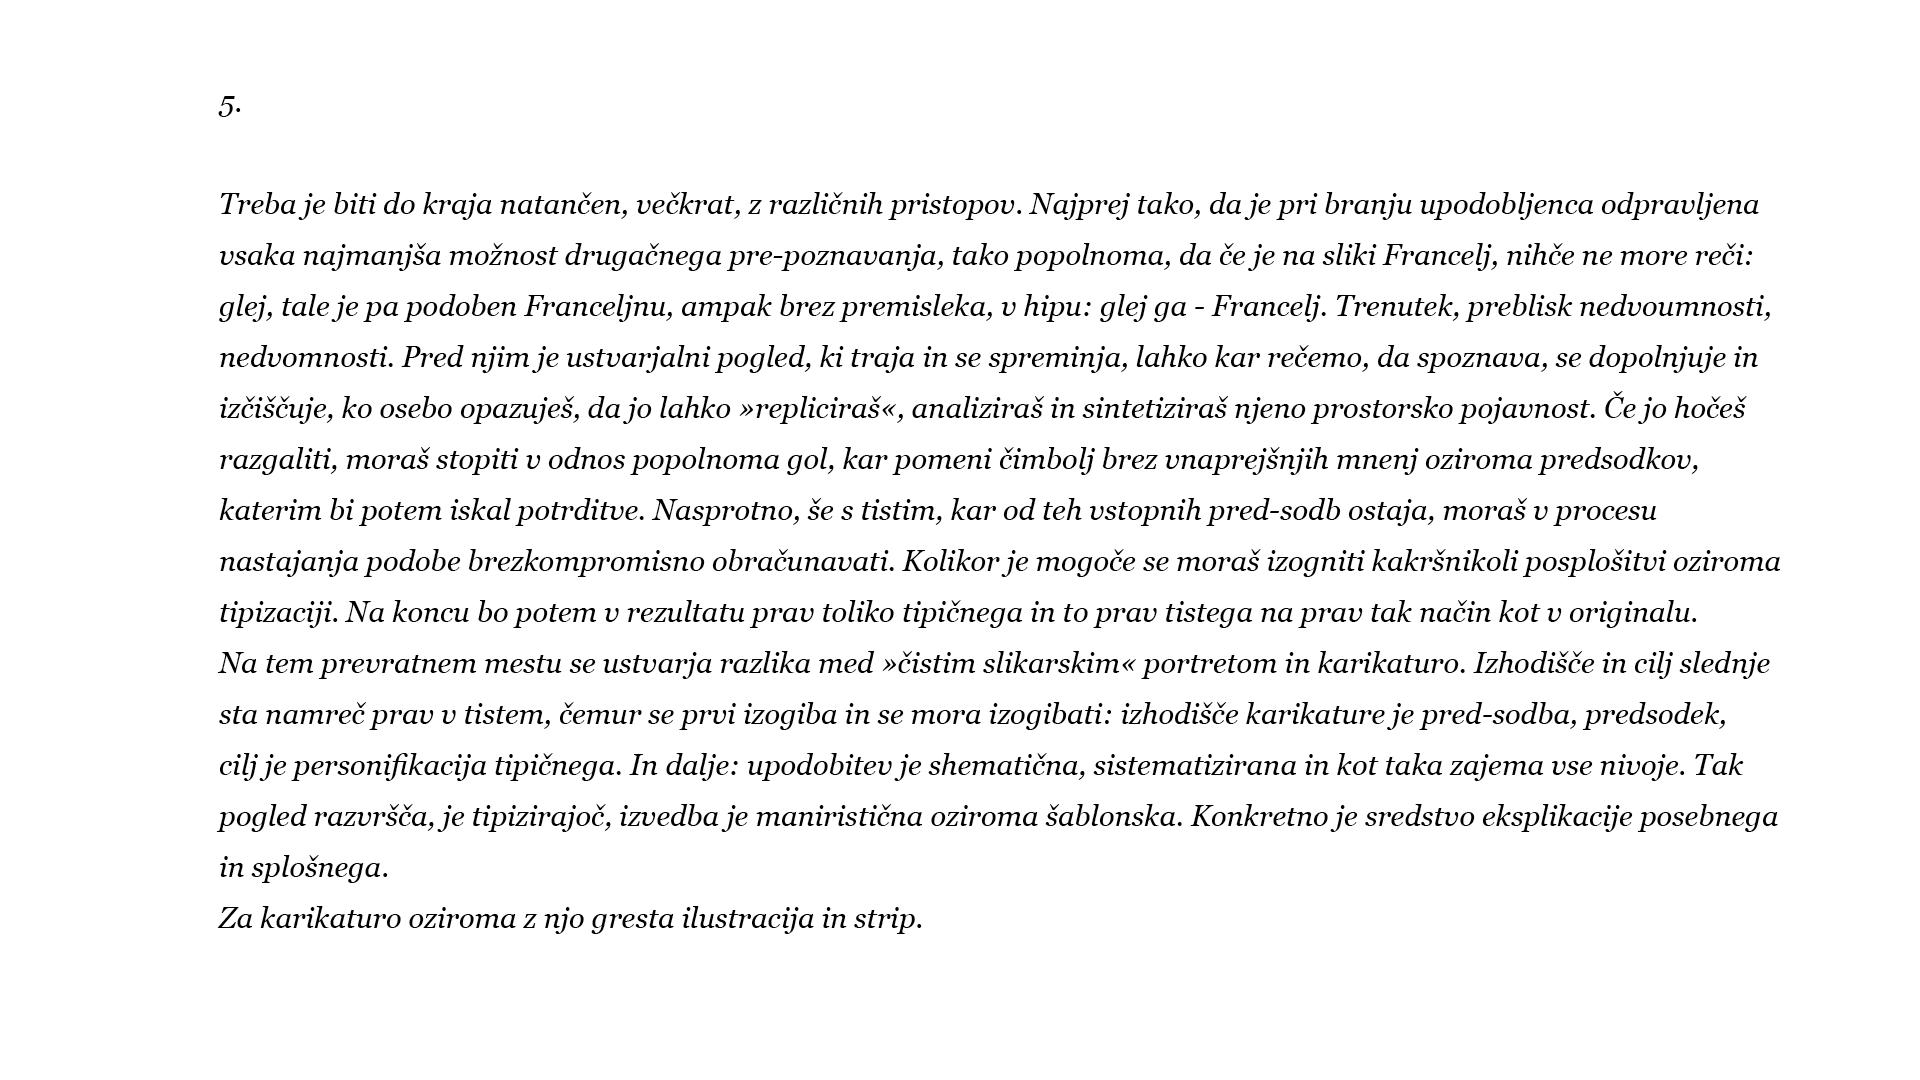 tekst slika6.png